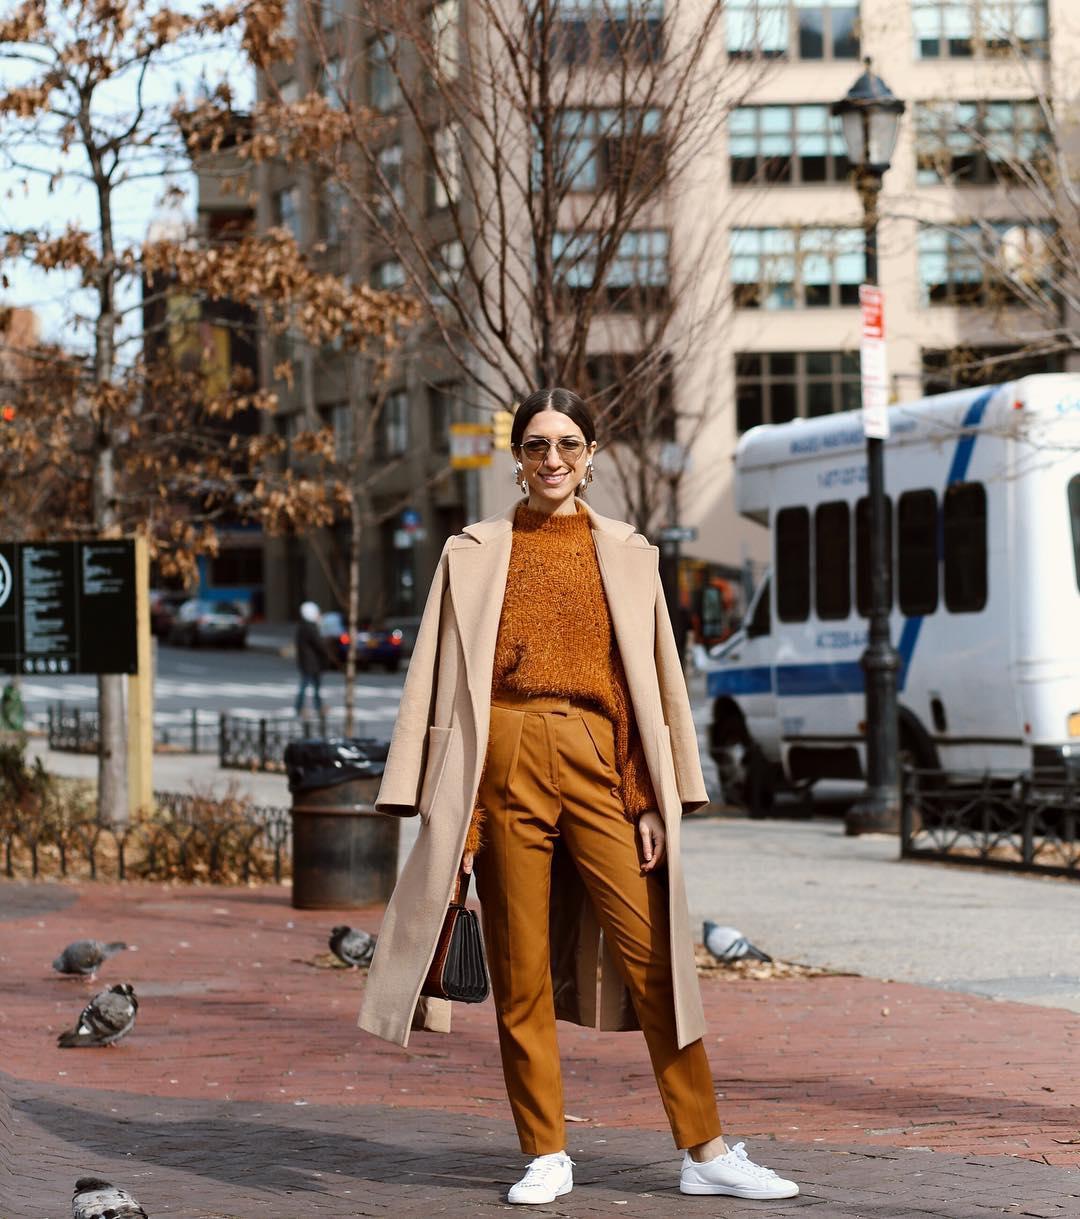 fashionista mang giày sneakers trắng và trang phục màu nâu